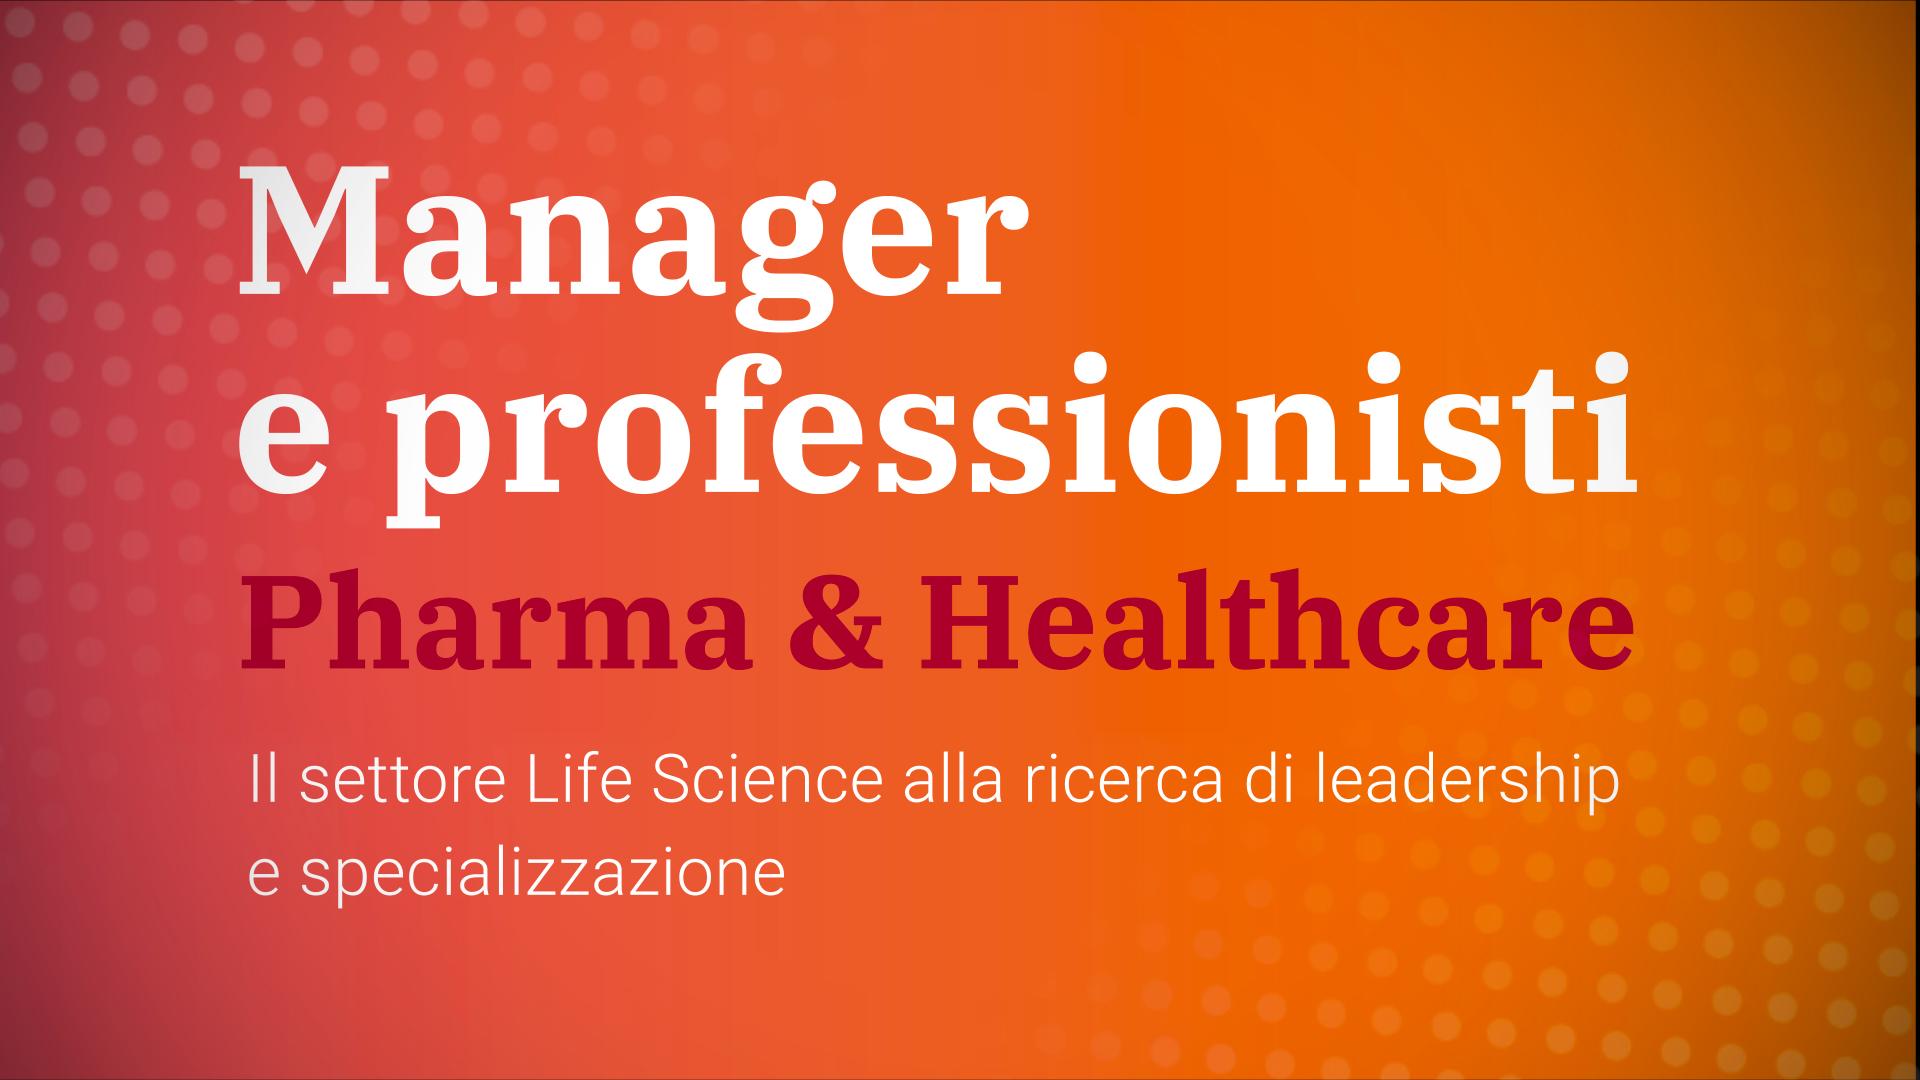 VIDEO | Manager e professionisti Pharma & Healthcare